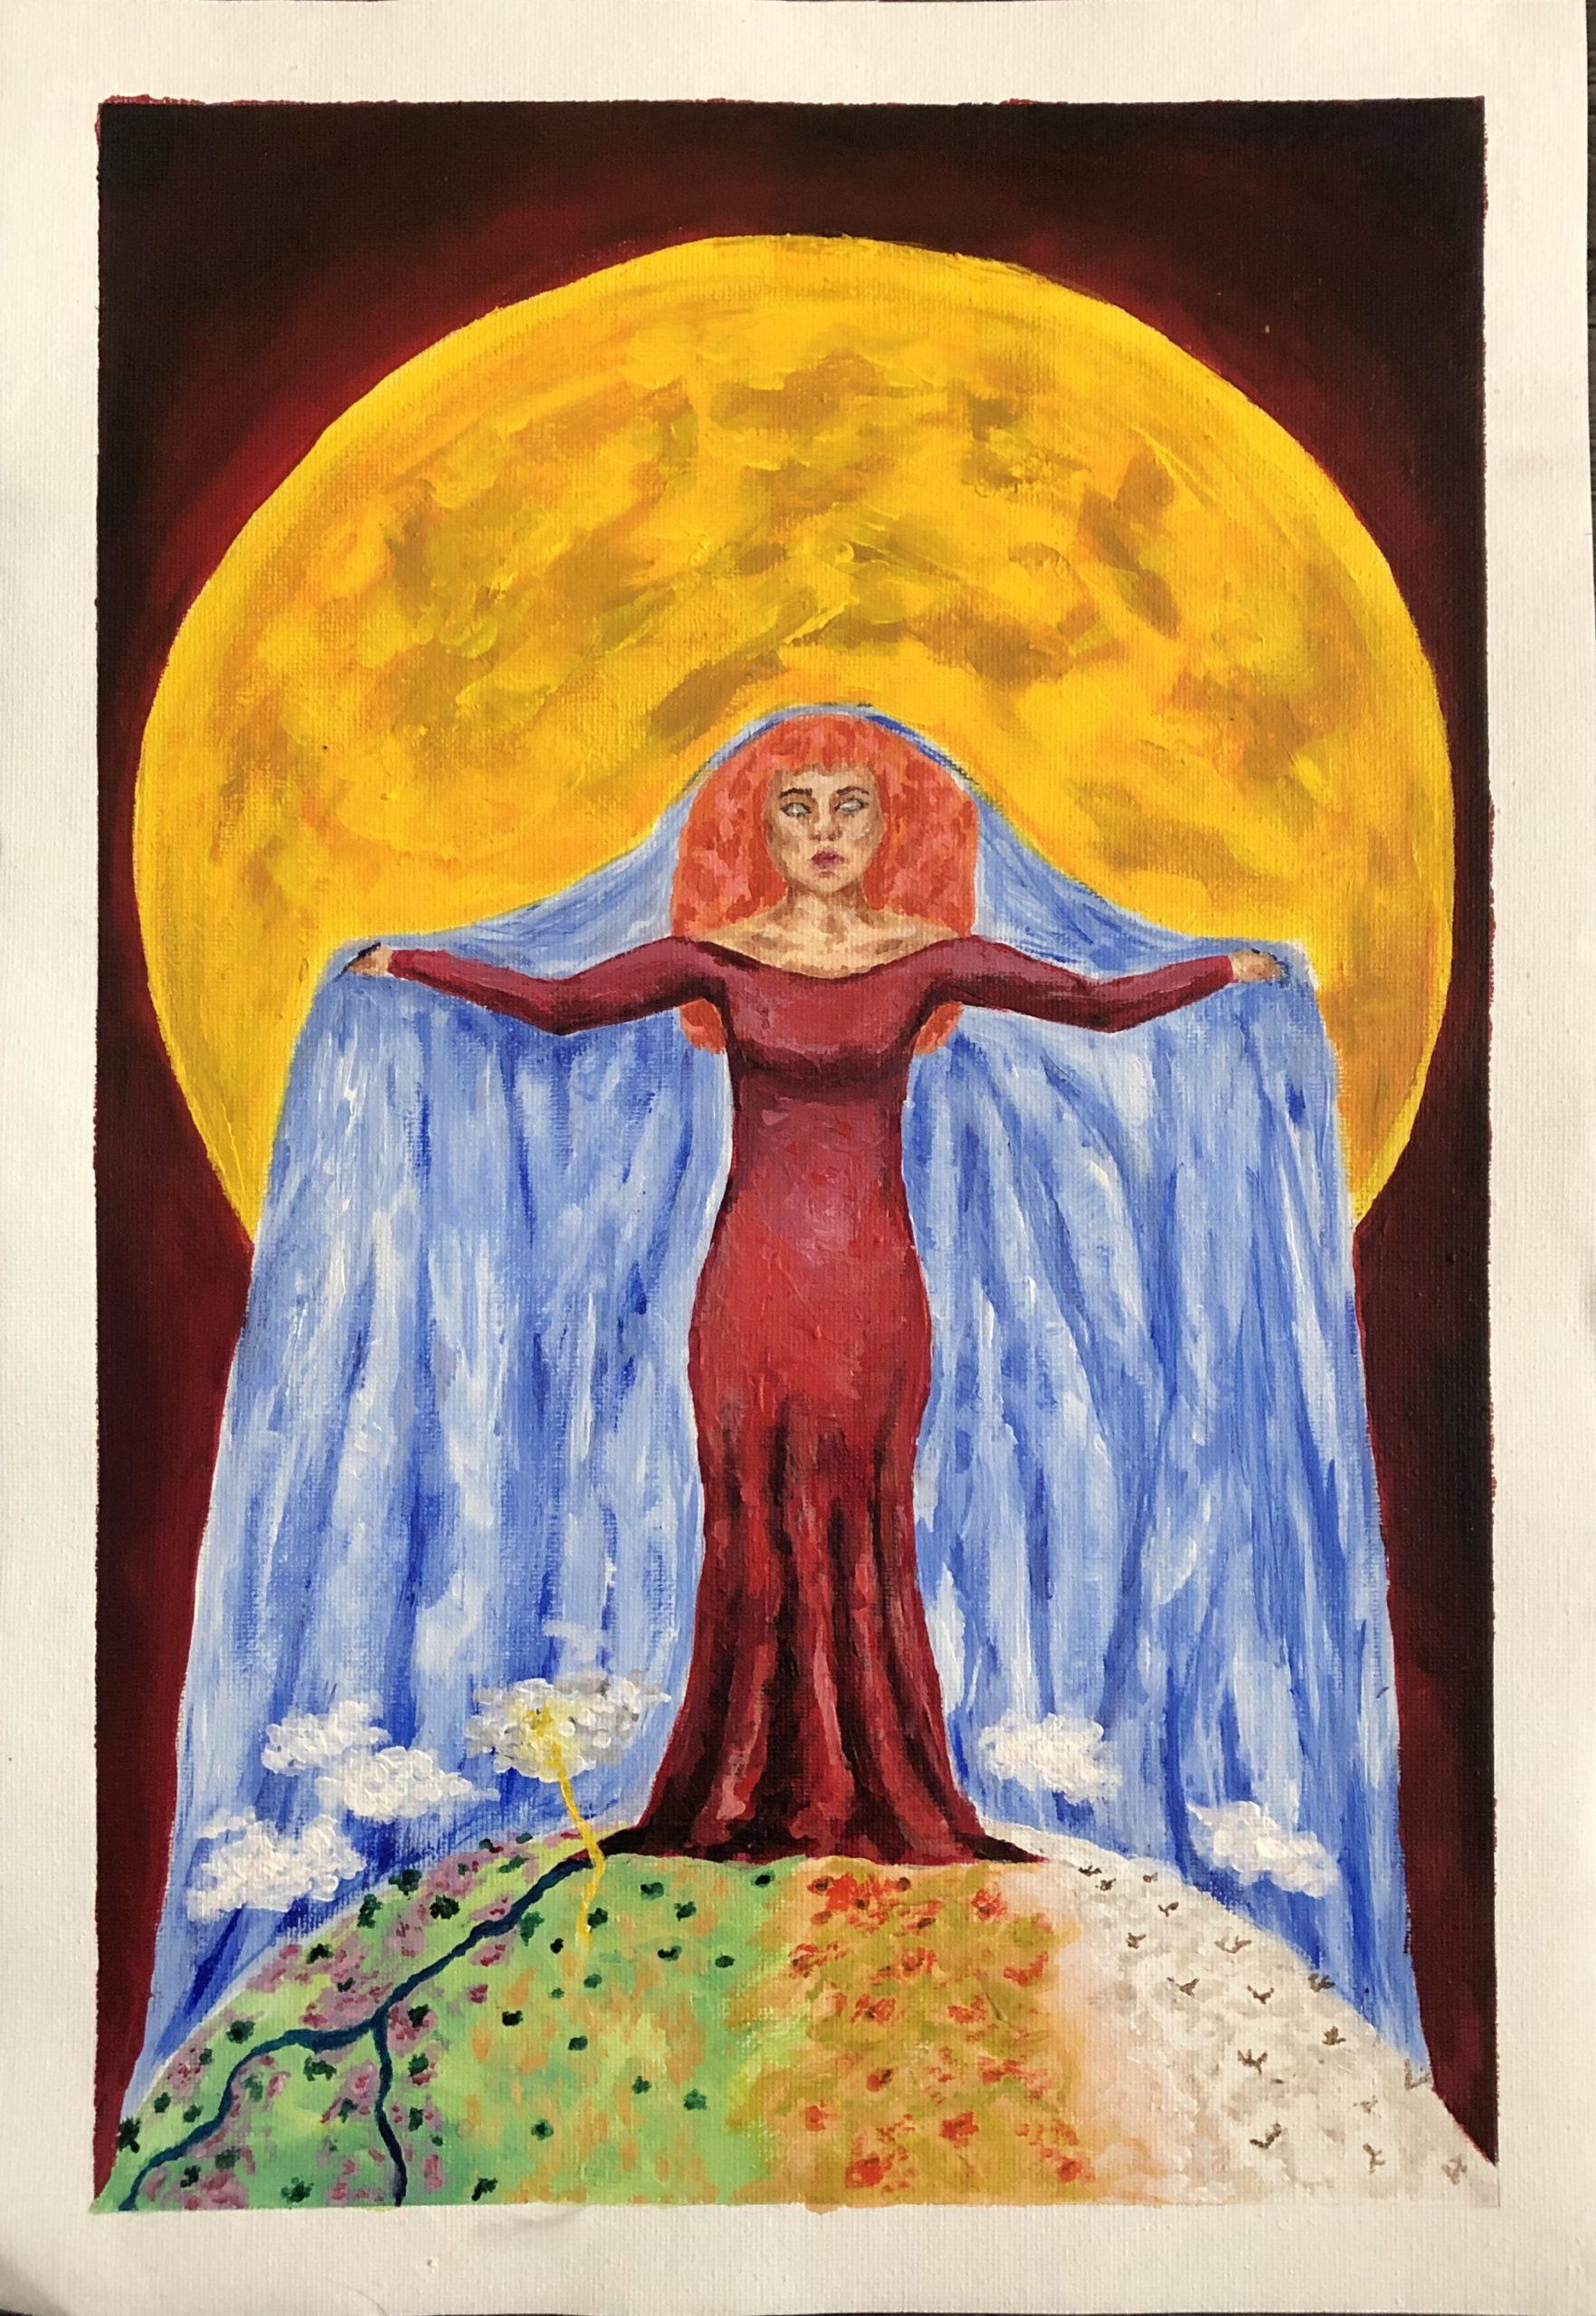 Vivaldi Four Seasons student artwork from MassArt, Allison Cashins